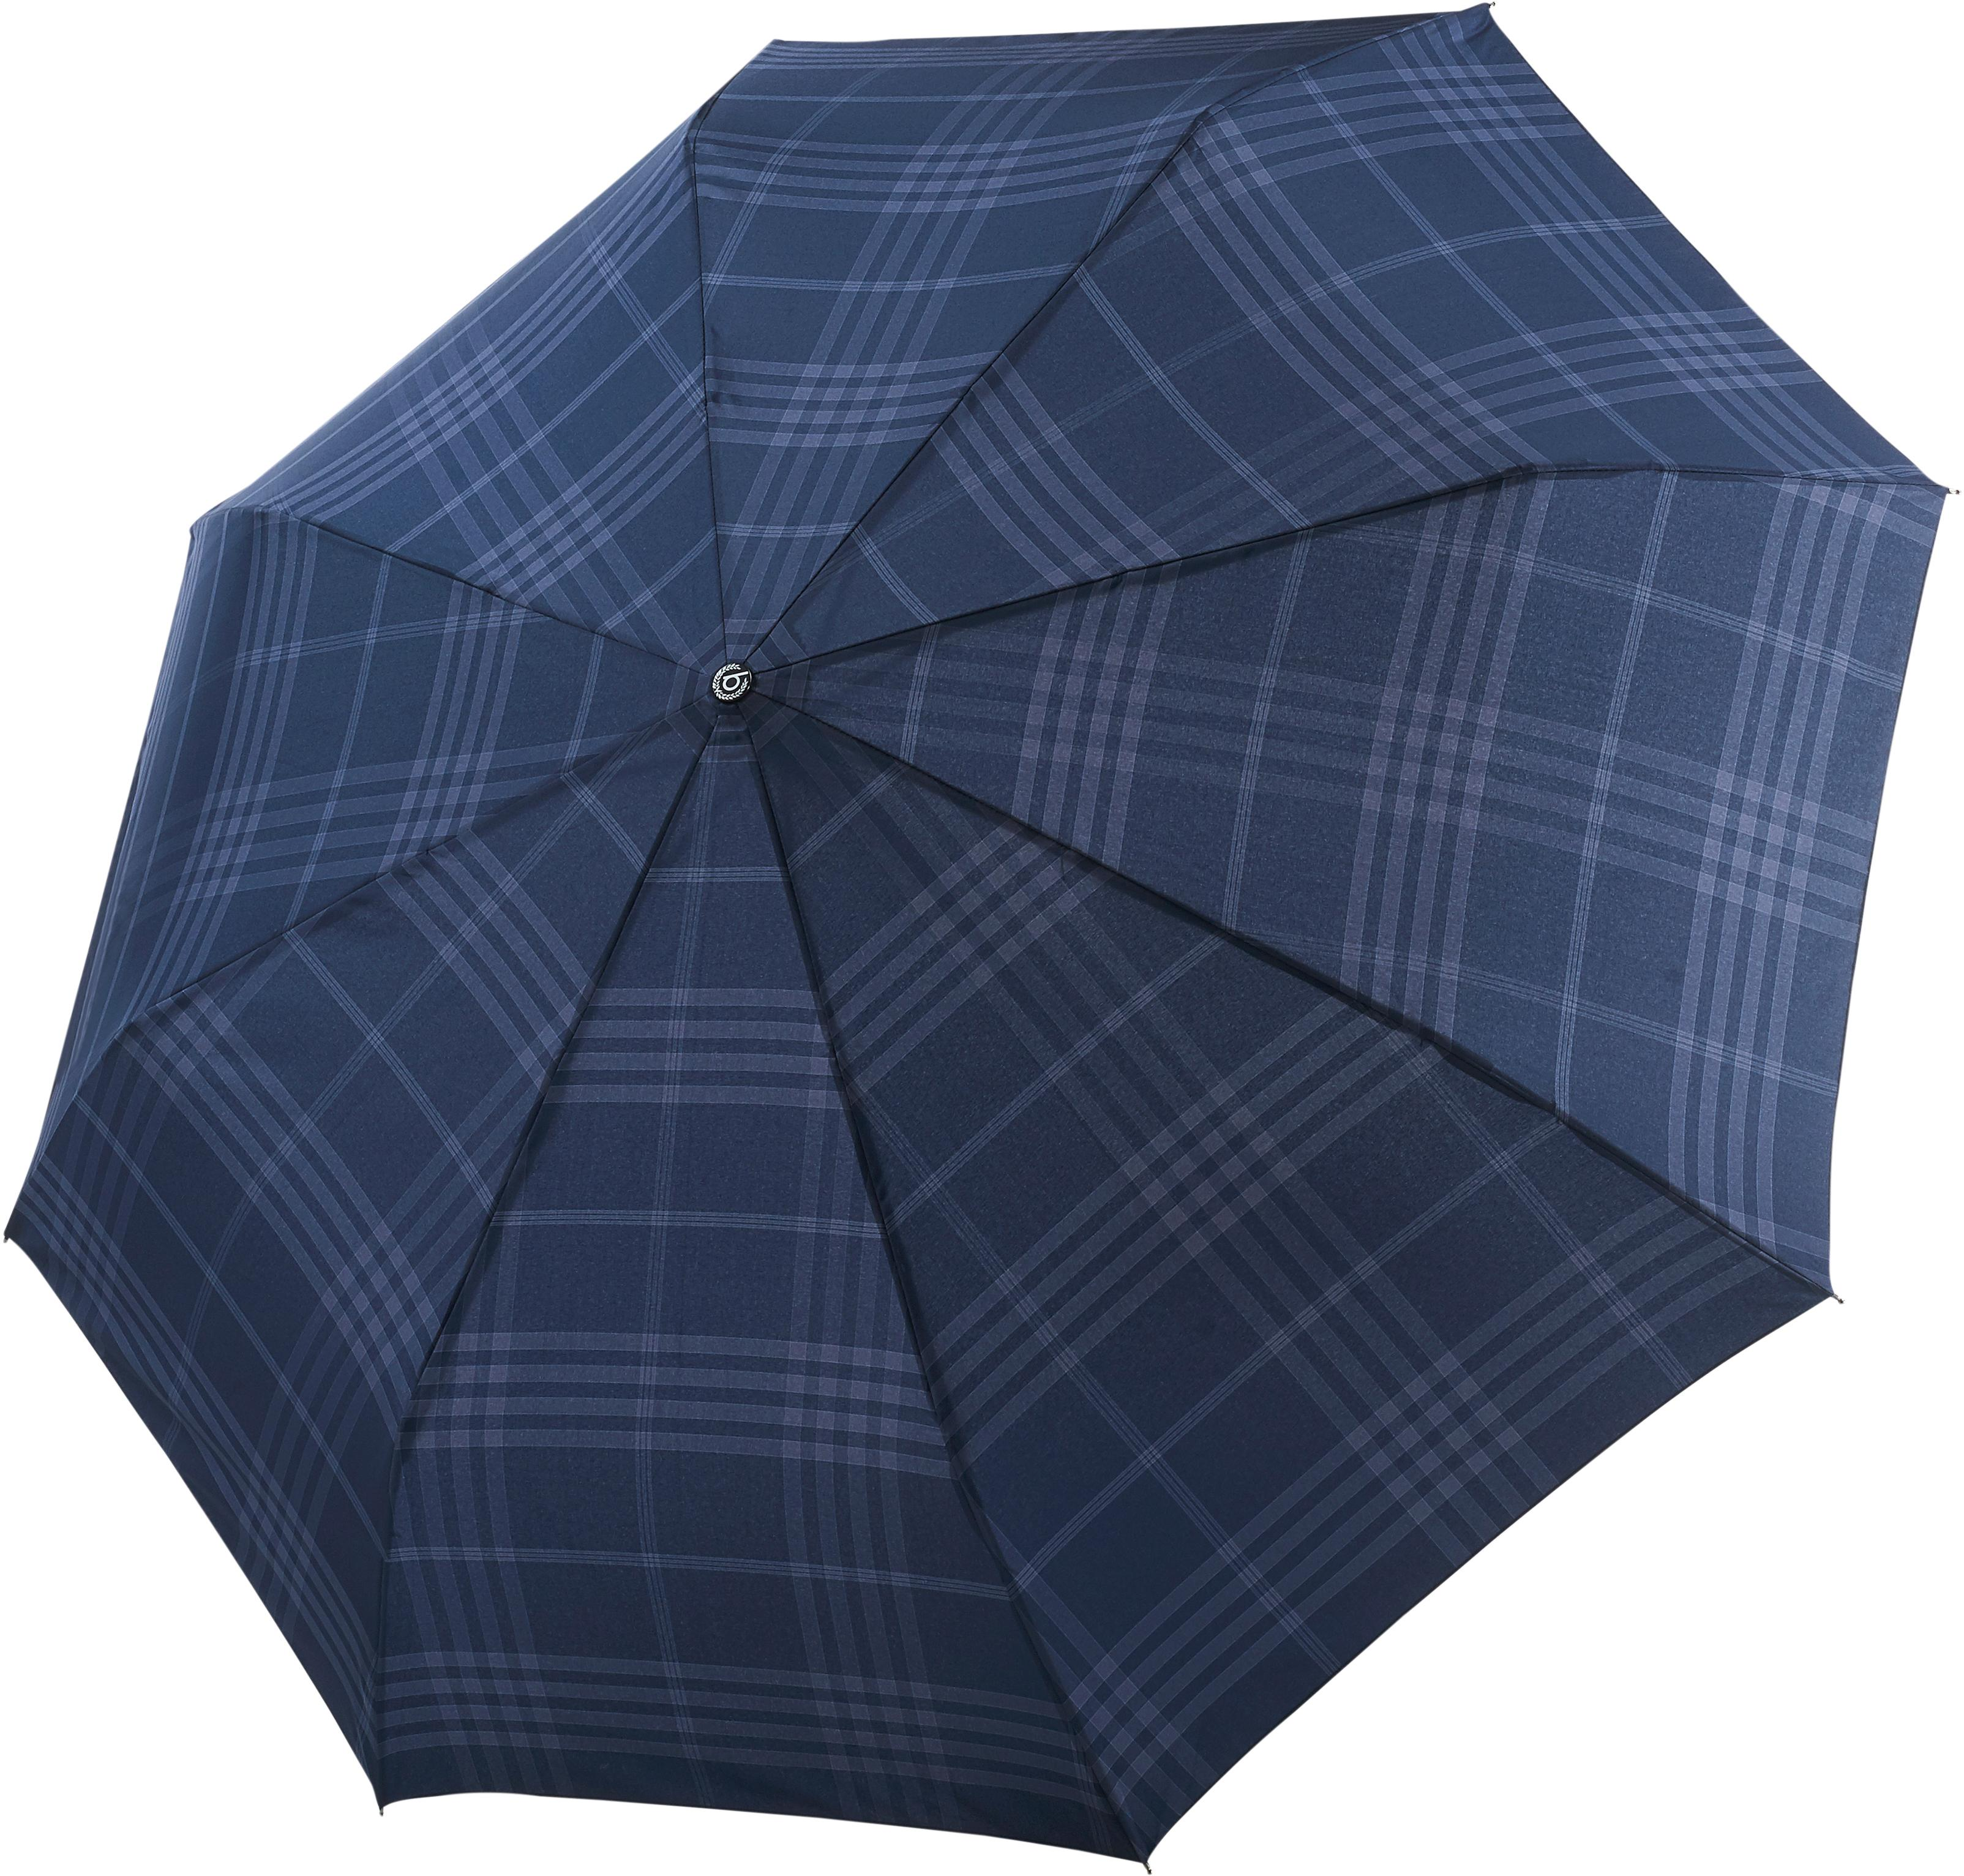 Taschenregenschirm ´´Taschenschirm GRAN TURISMO´´ | Accessoires > Regenschirme > Taschenschirme | Blau